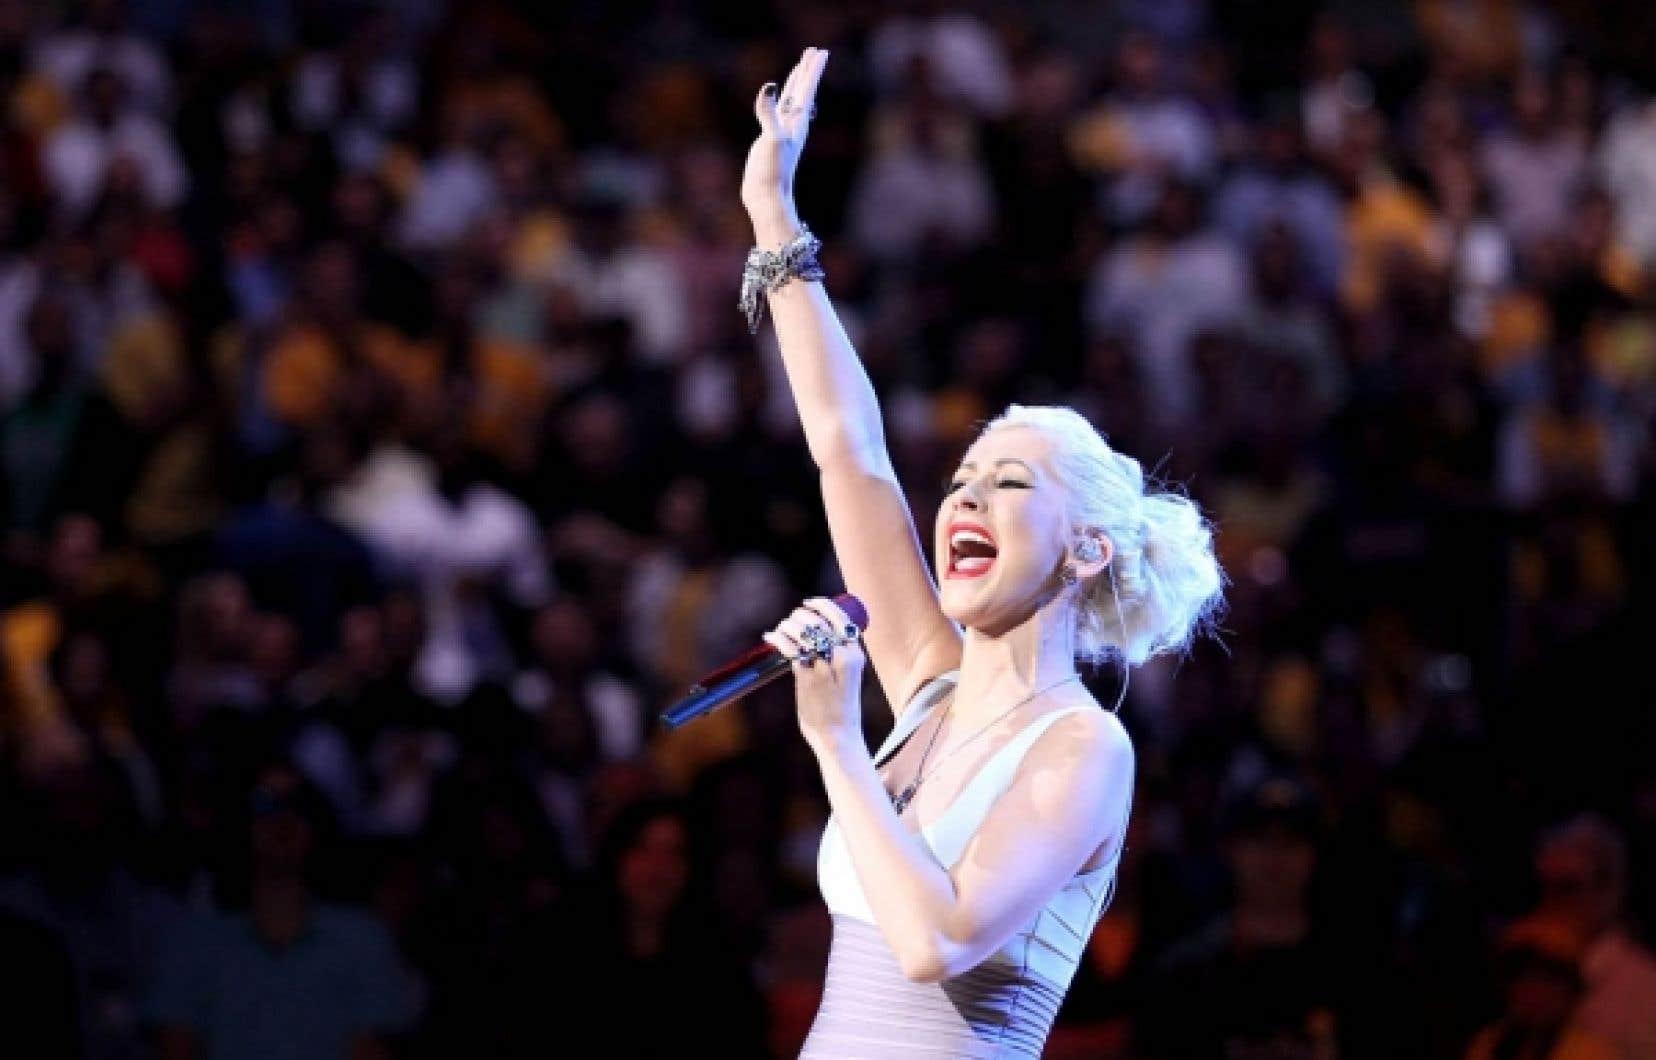 La chanteuse pop bonbon Christina Aguilera, encore une grosse pointure il y a à peine deux ans, a dû annuler sa tournée cette année.<br />